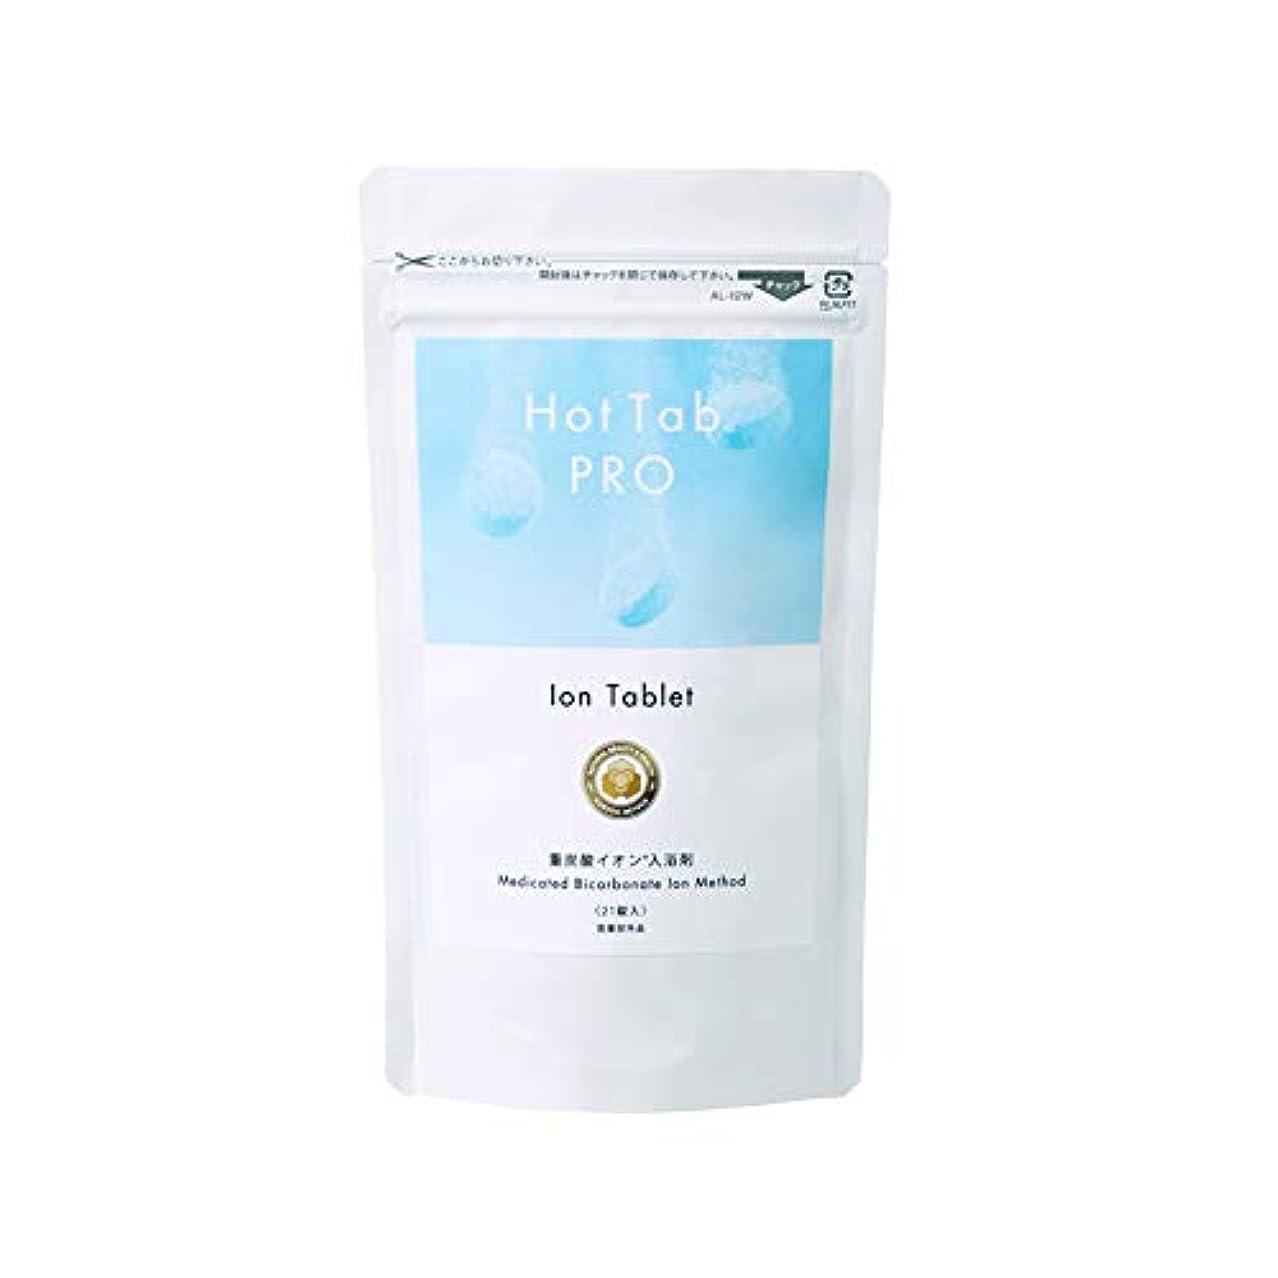 日常的にキラウエア山コミットメント最新型 日本製なめらか重炭酸入浴剤「ホットタブPro」(デリケートな肌でも安心 無香料 無着色 中性pH) (21錠セット)